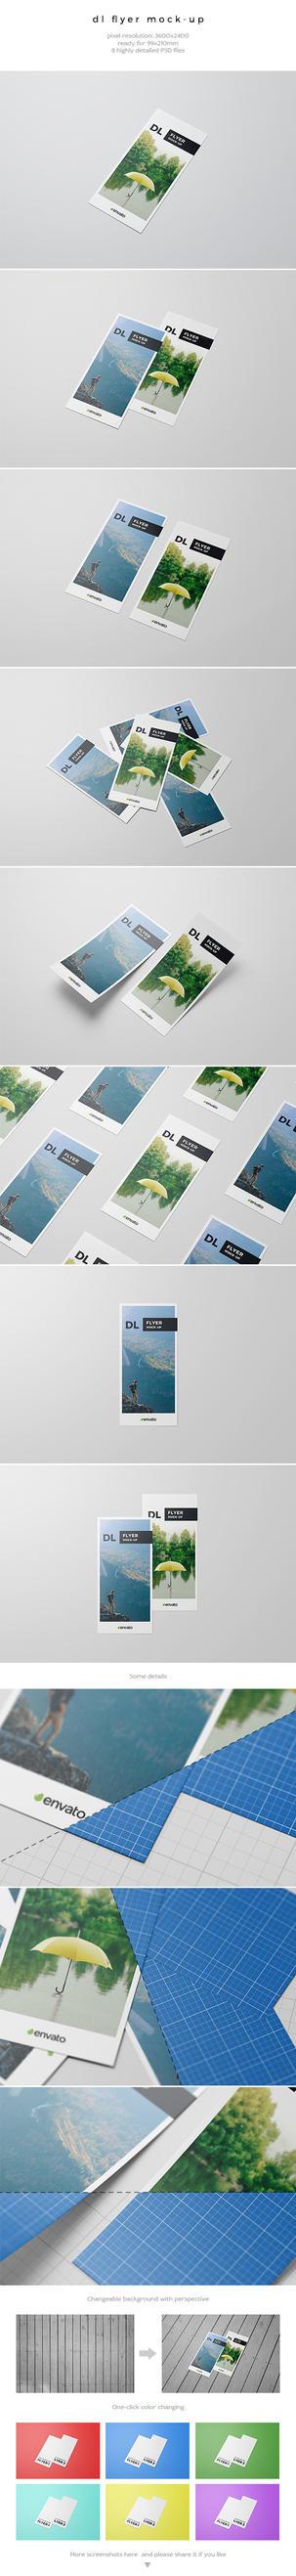 DL Flyer Mockup by kotulsky